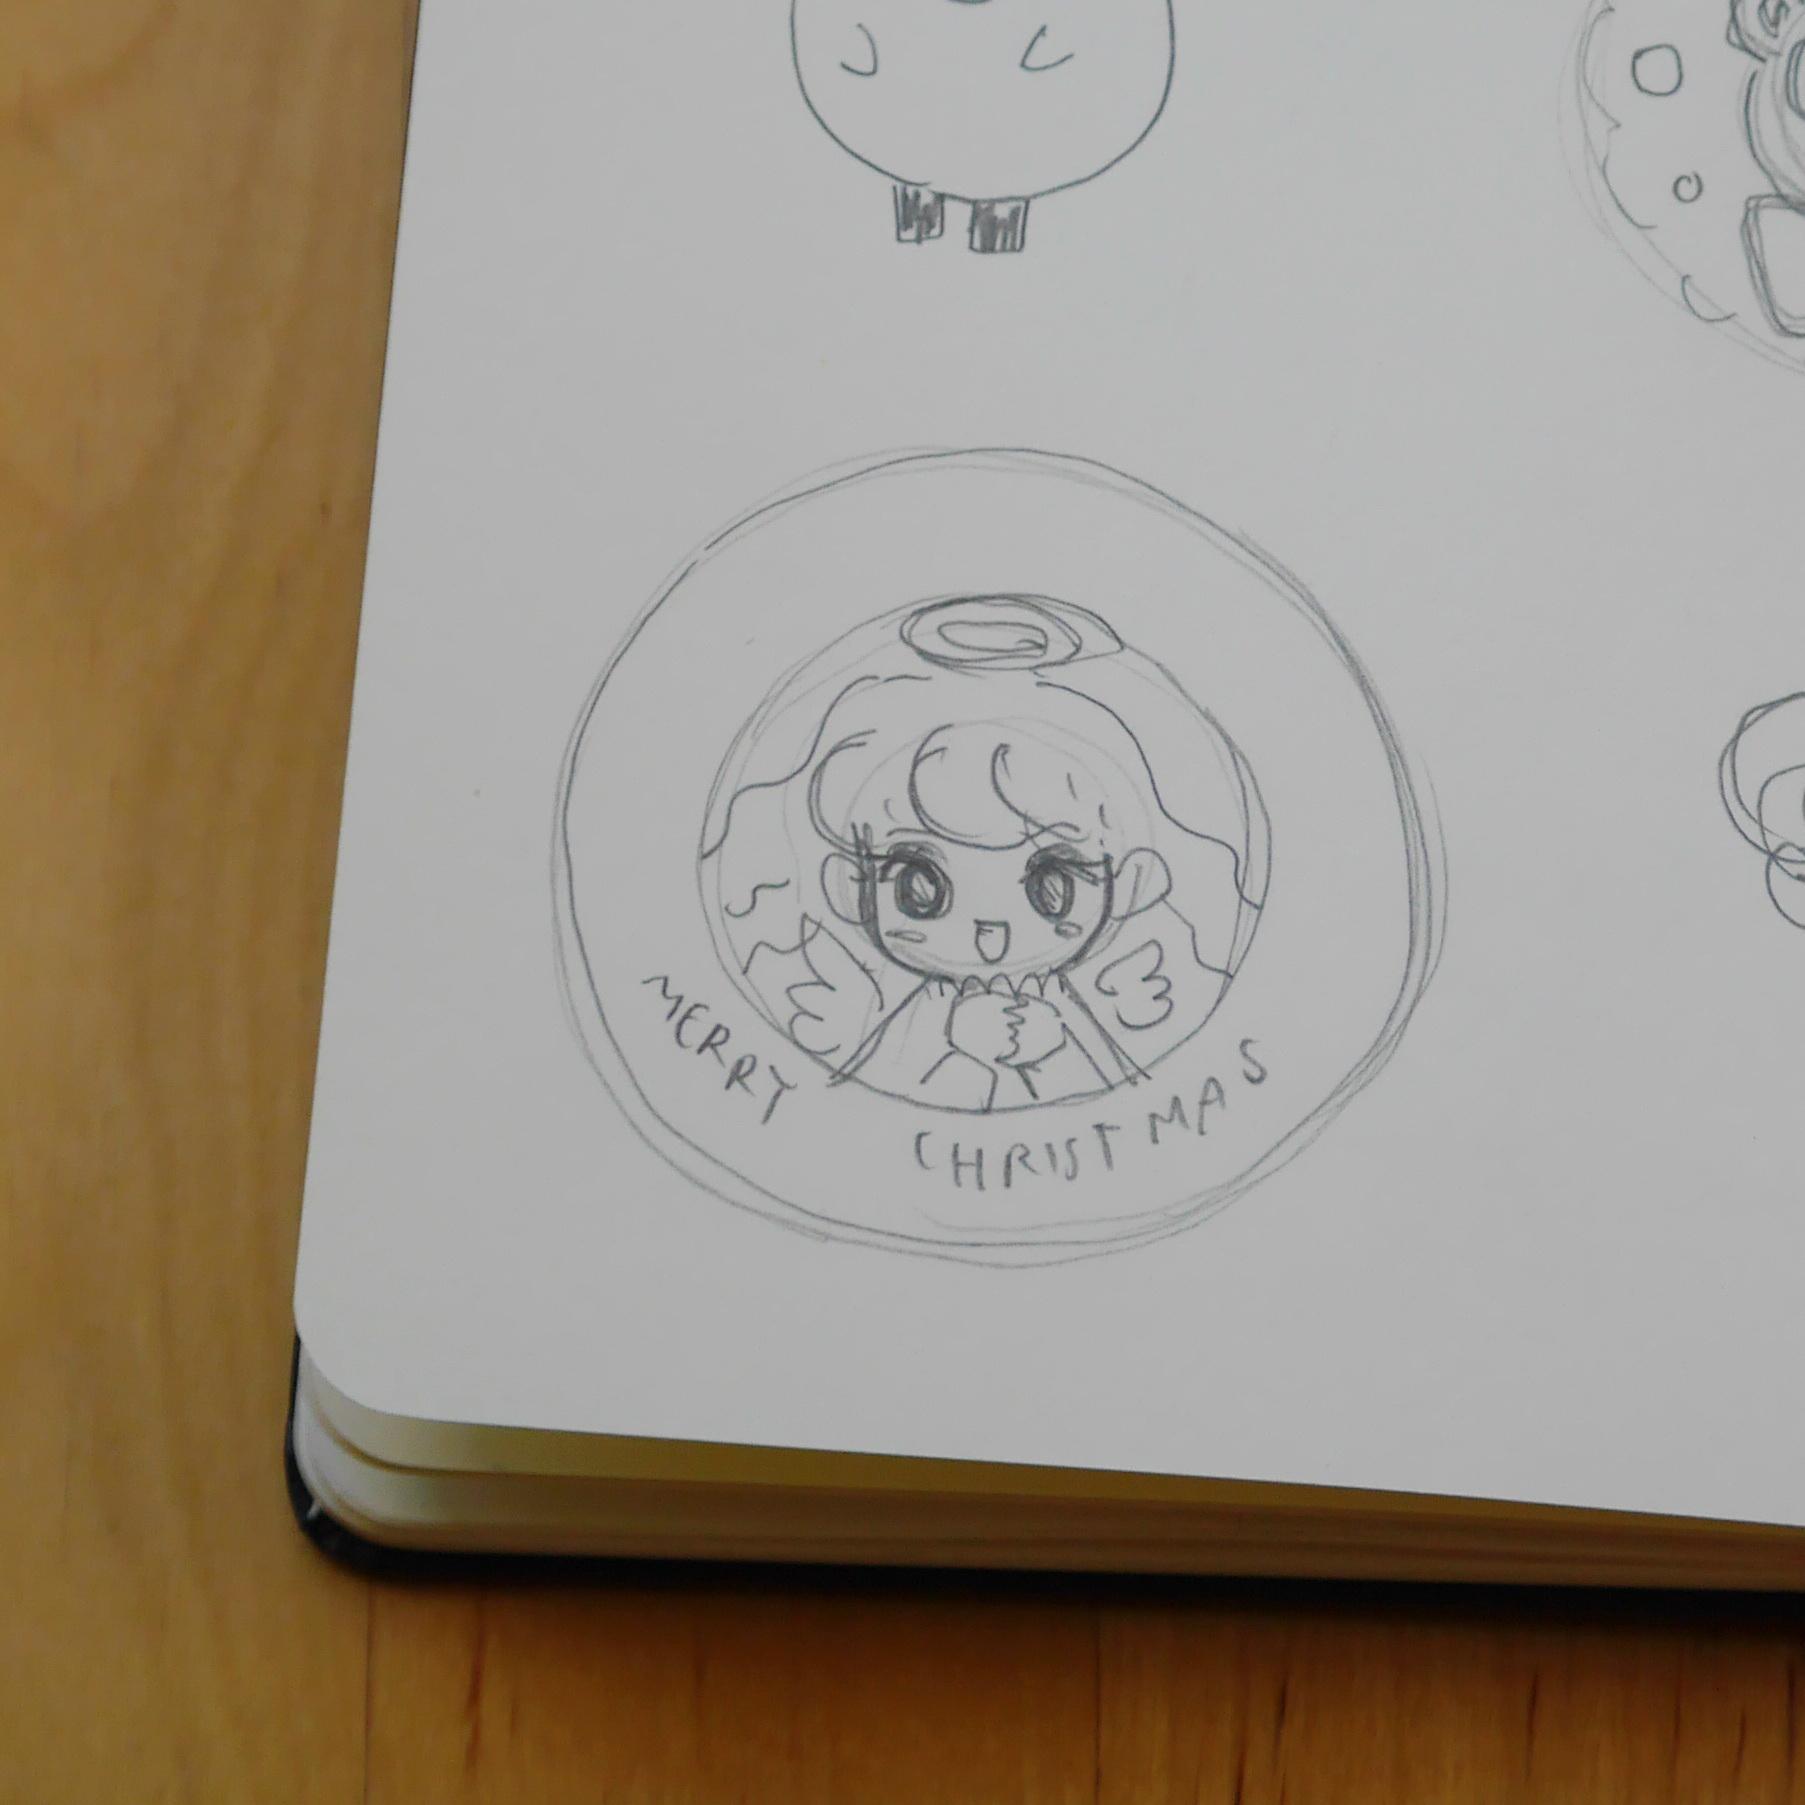 My original sketch on my sketchbook